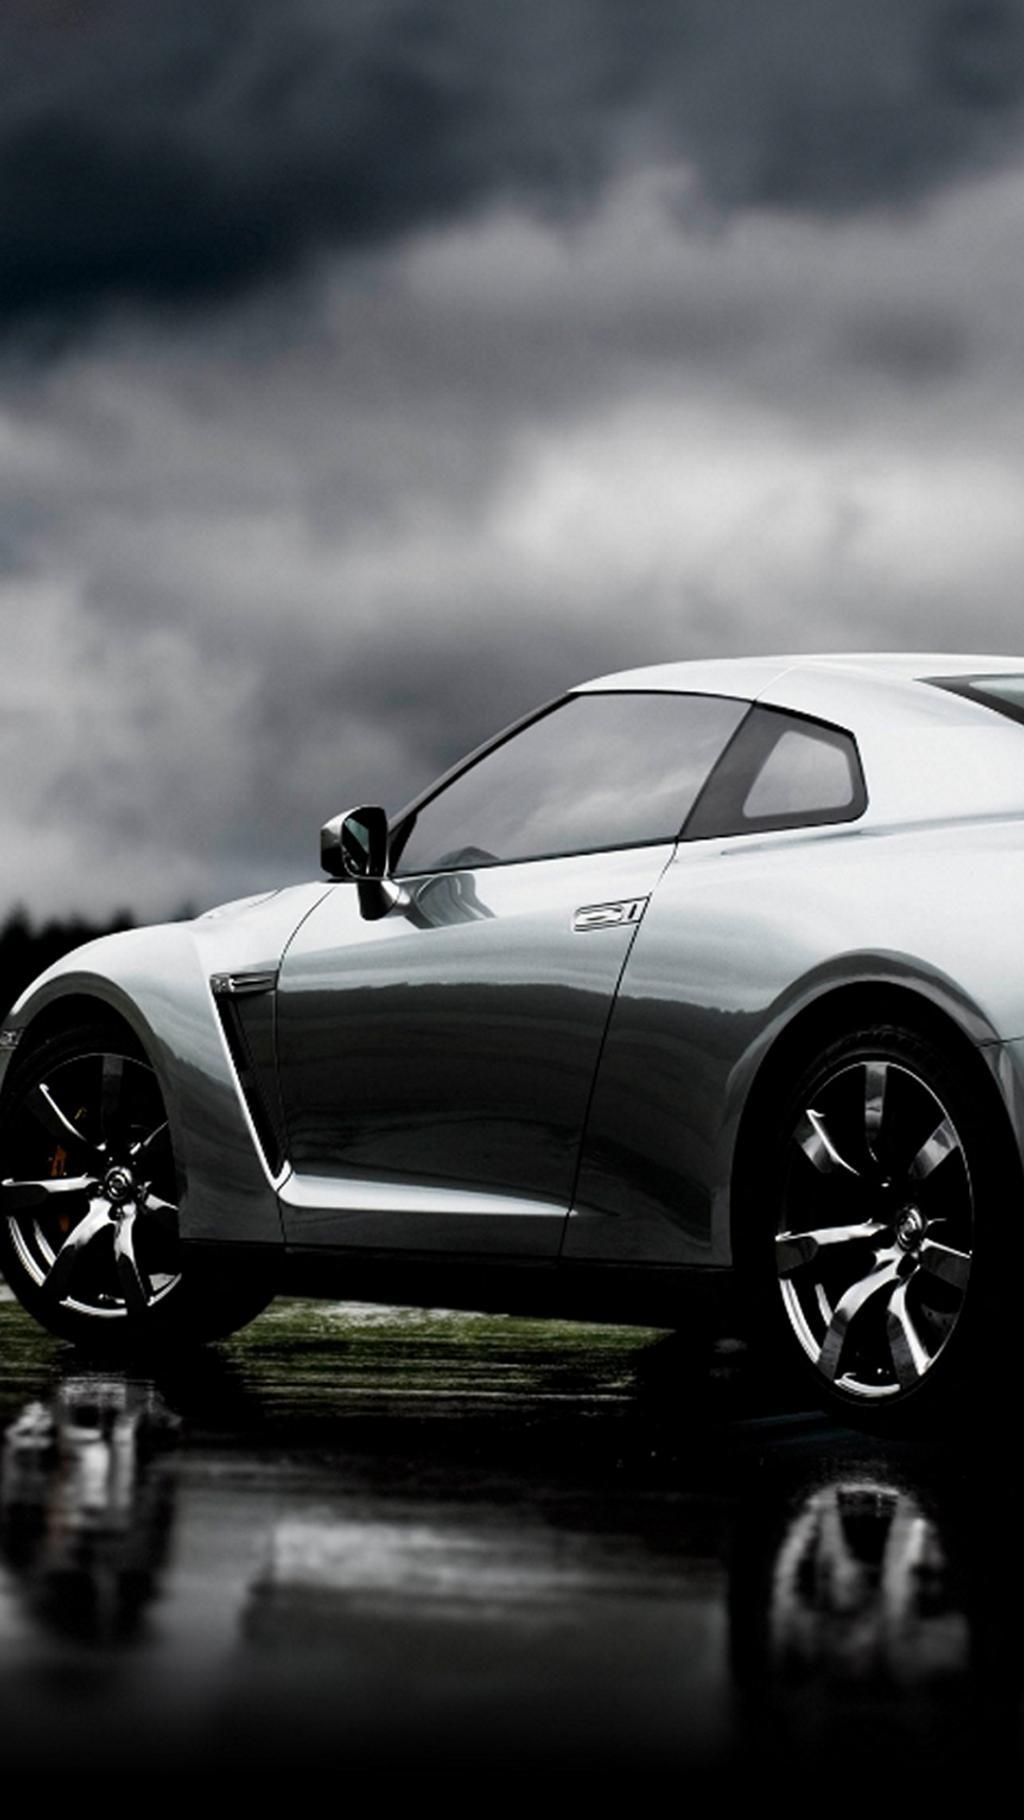 Images Of A Bentley Car Wallpaper 银色日产gt R 锁屏图片 高清手机壁纸 汽车 回车桌面